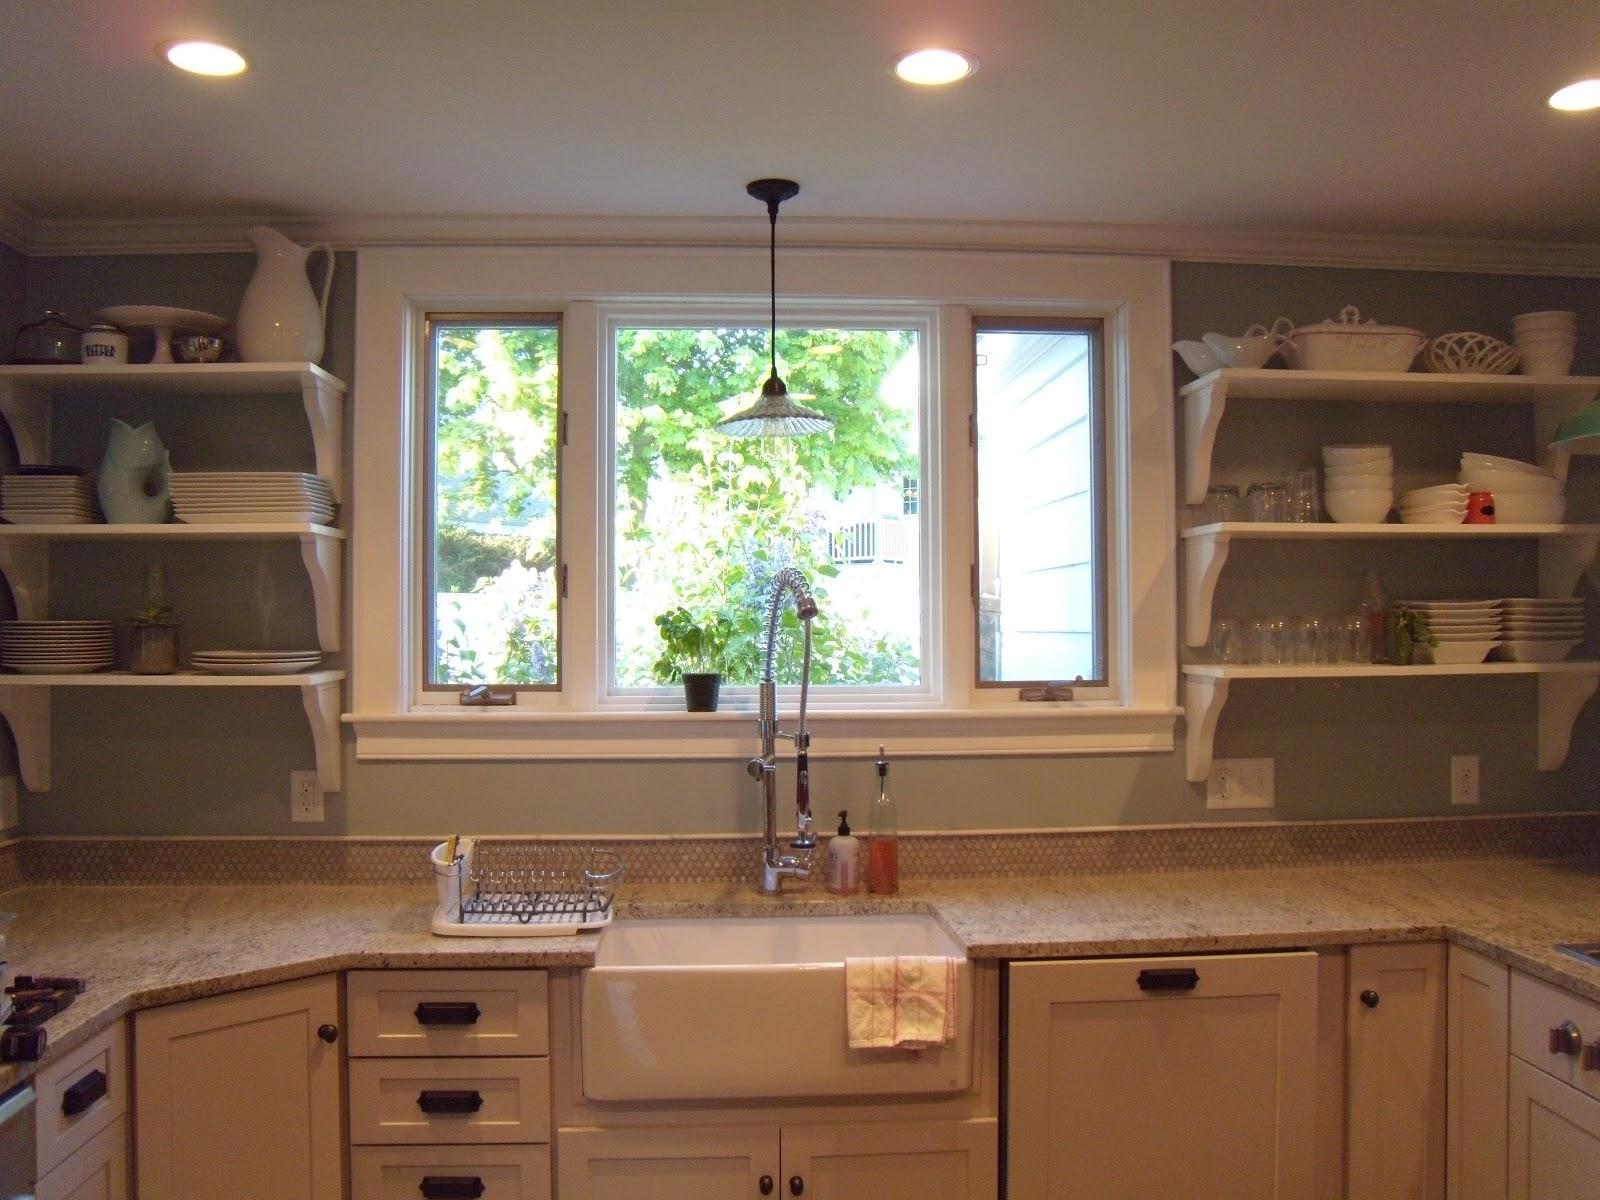 kavvie kitchen open shelving kitchenrenovation. Black Bedroom Furniture Sets. Home Design Ideas